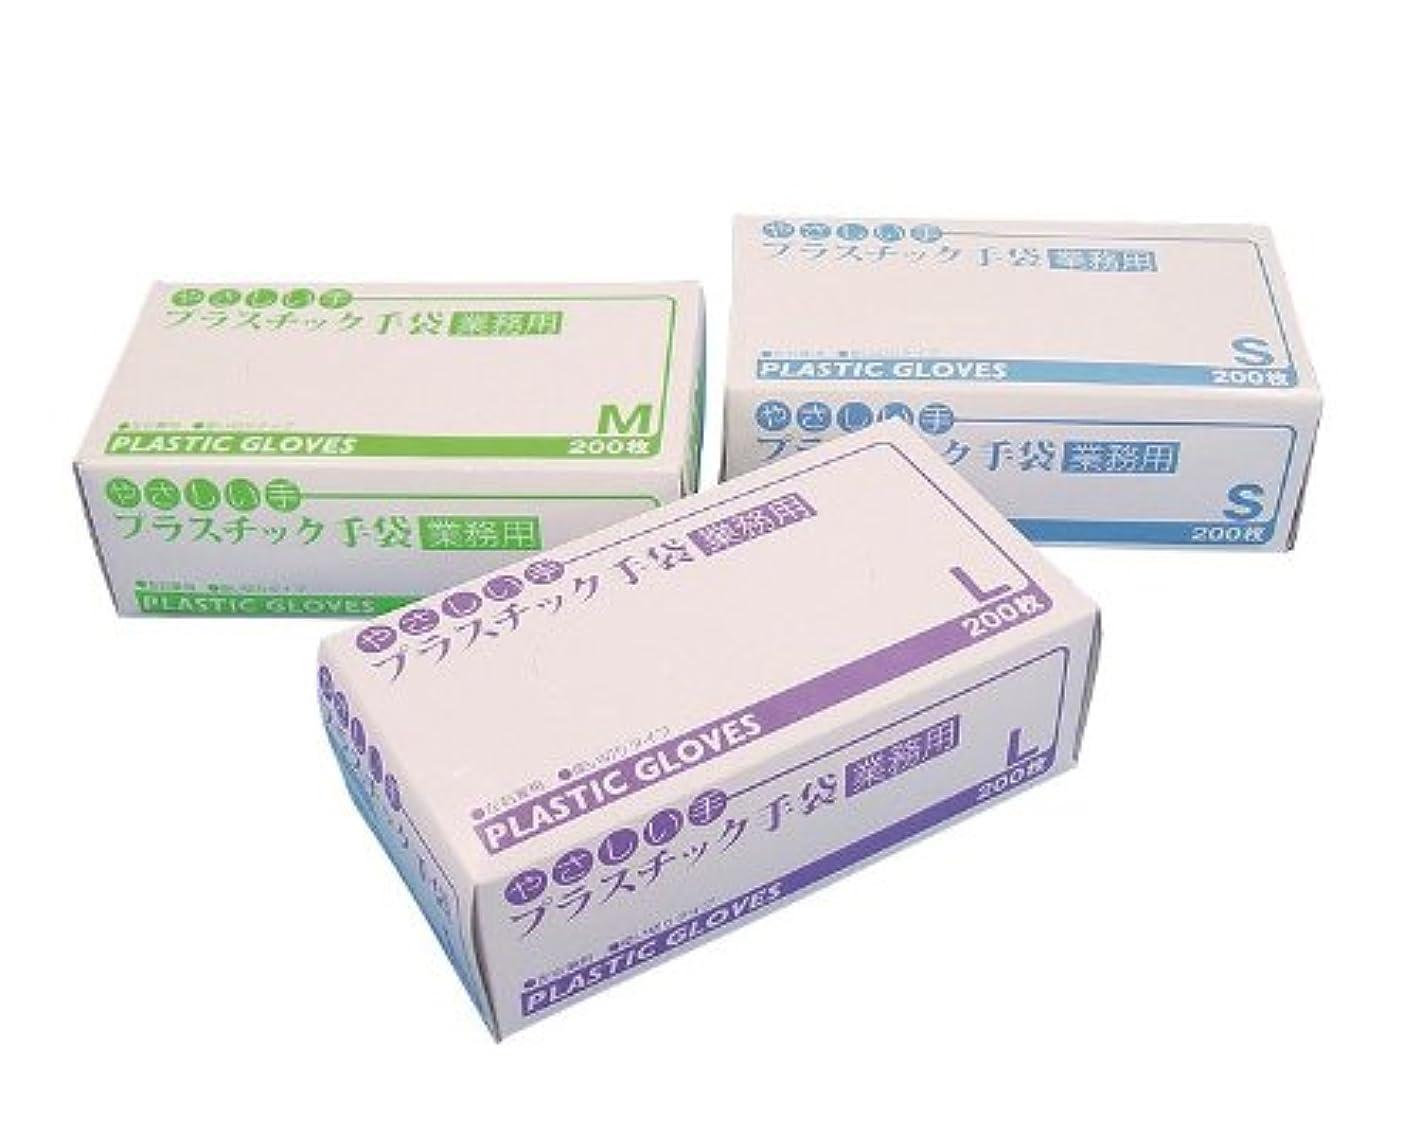 受けるご注意ピカソやさしい手 プラスチック手袋 業務用 OM-460 200枚入/Sサイズ